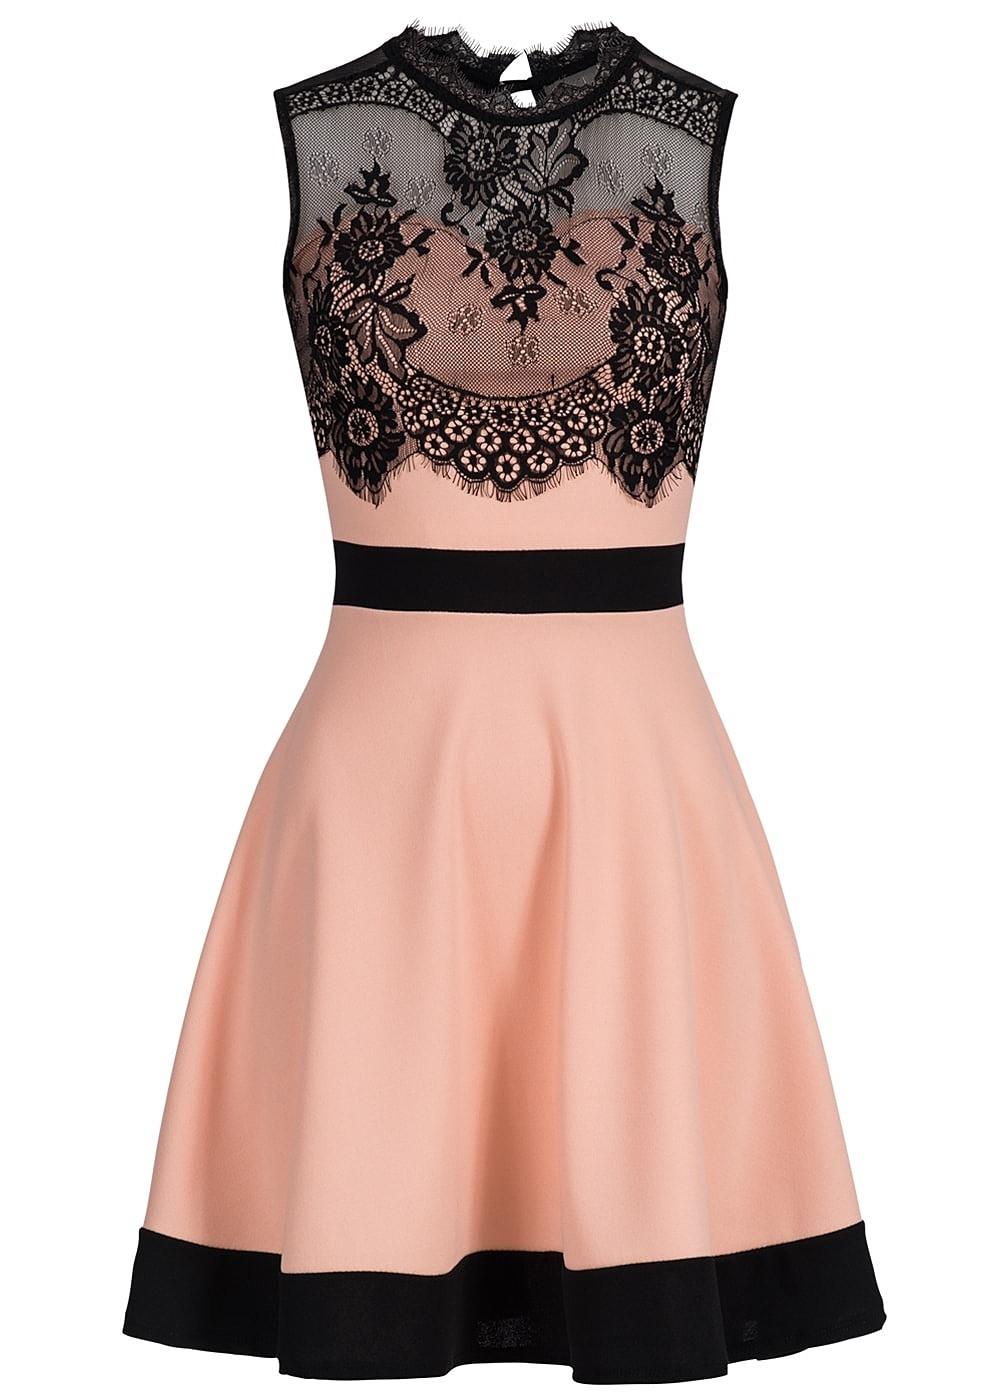 13 Perfekt Kleid Schwarz Rosa Ärmel17 Wunderbar Kleid Schwarz Rosa Boutique